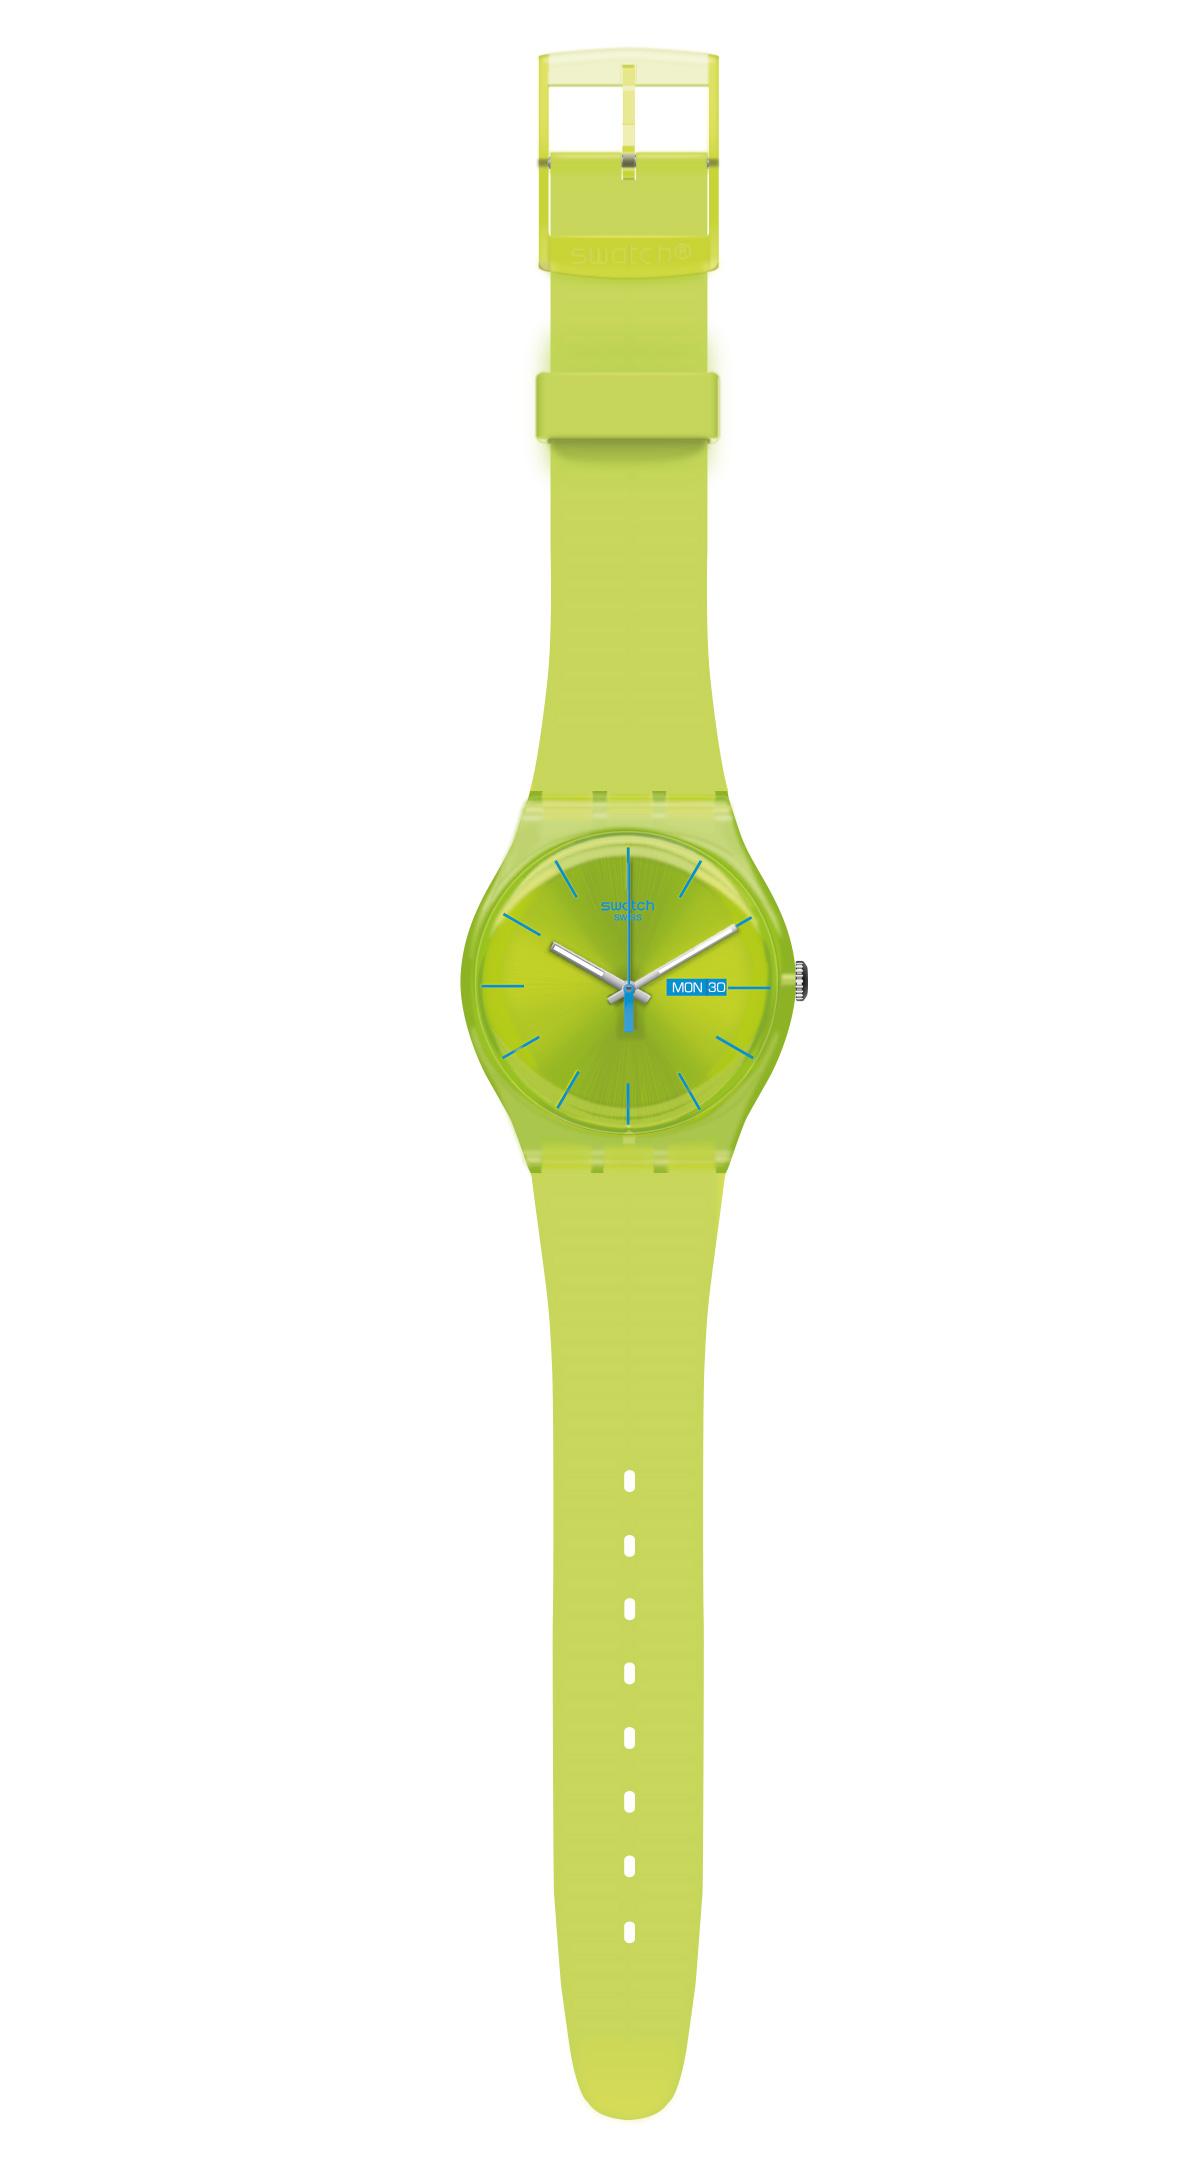 Ilustración hiperrealista - Reloj Swatch